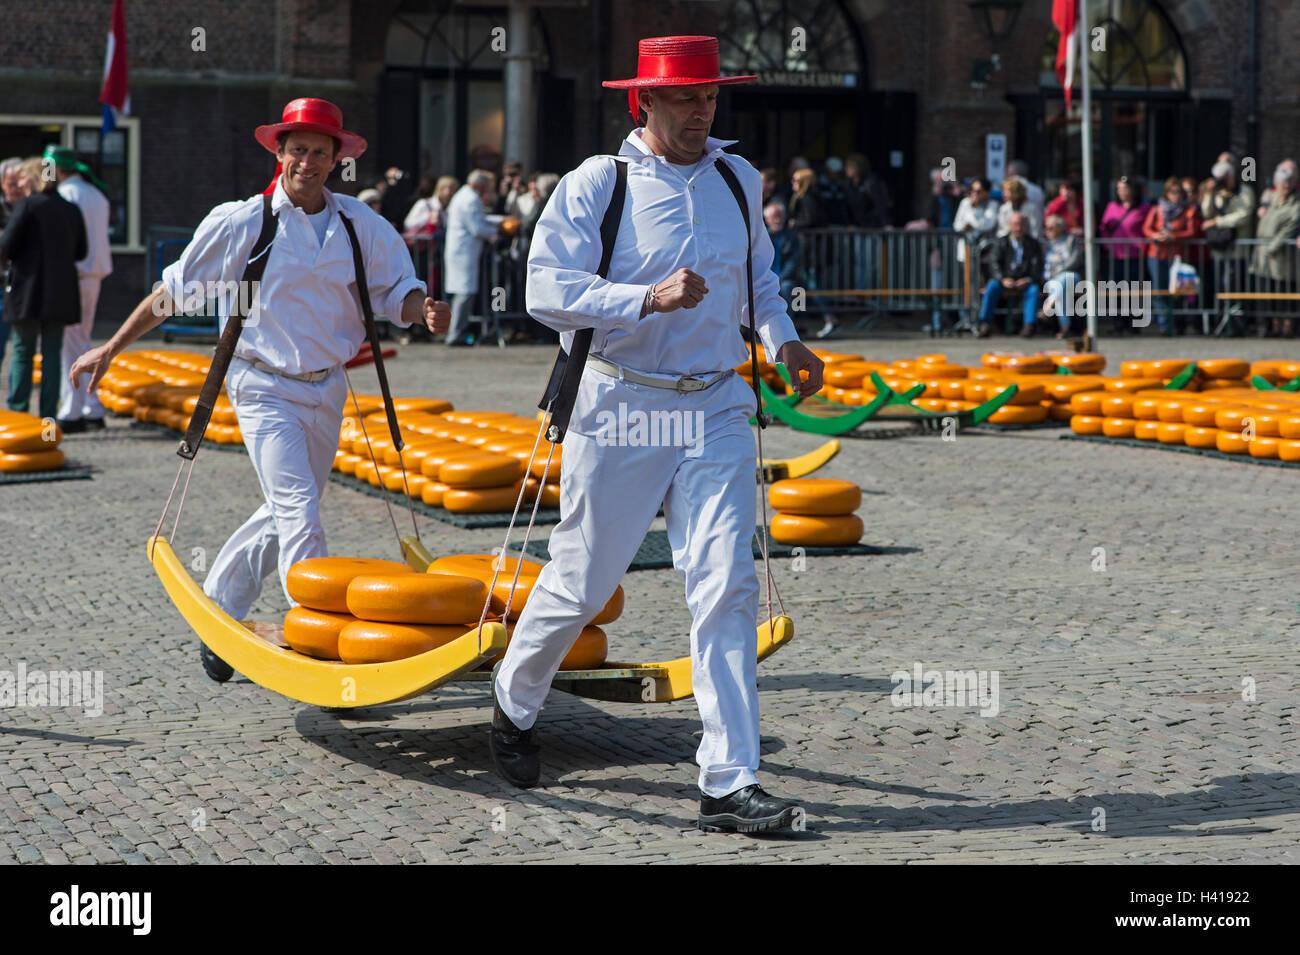 Vettori di formaggio al lavoro, riti e tradizioni di formaggio trading presentato al mercato del formaggio di Alkmaar, Immagini Stock